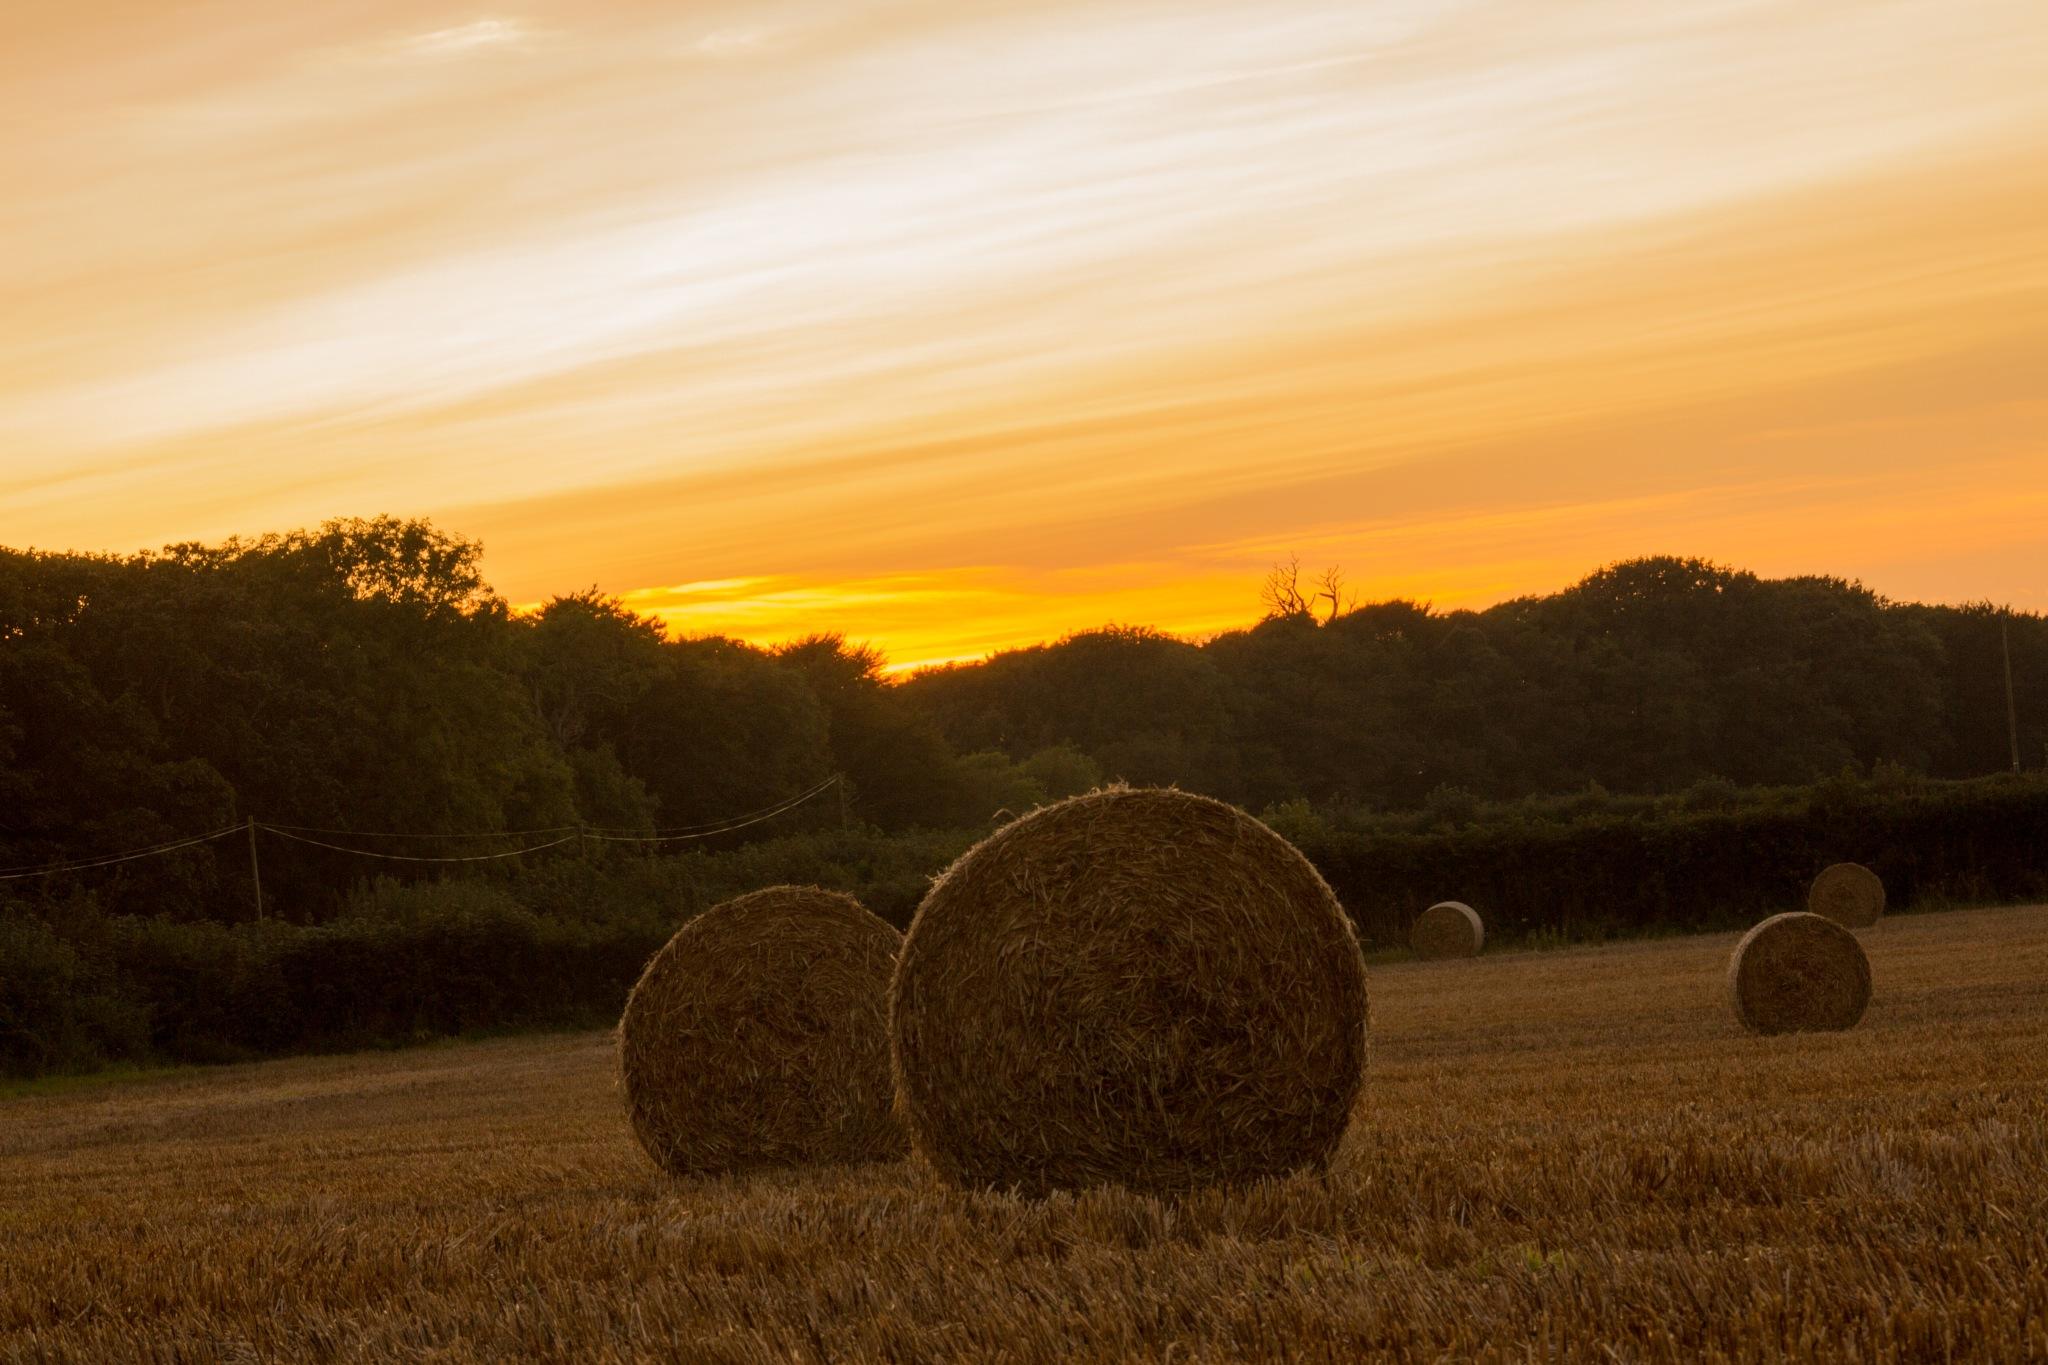 Rural Scene 1 by Steve Rowe